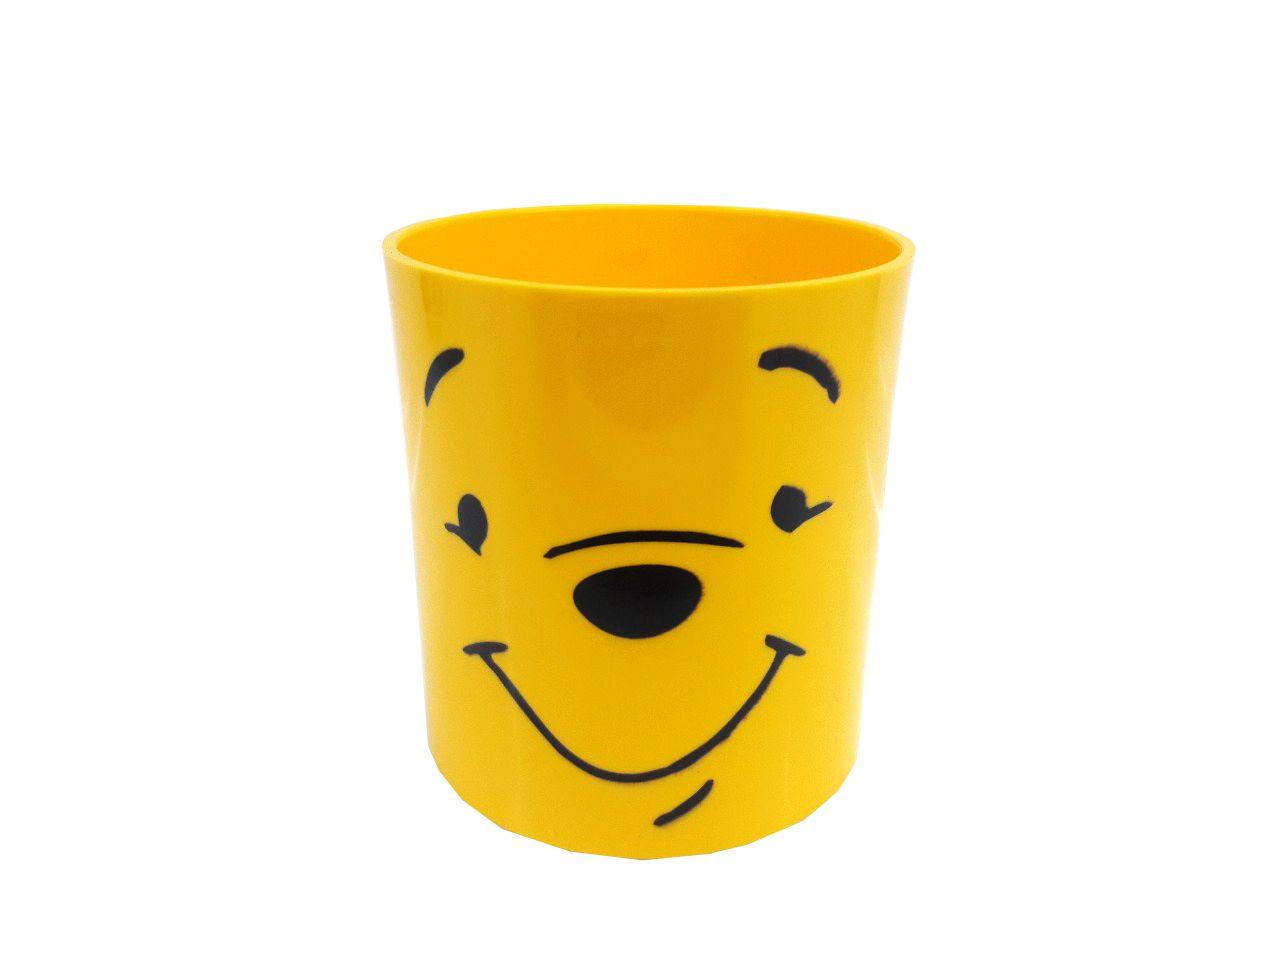 Copo Plástico Colorido - amarelo